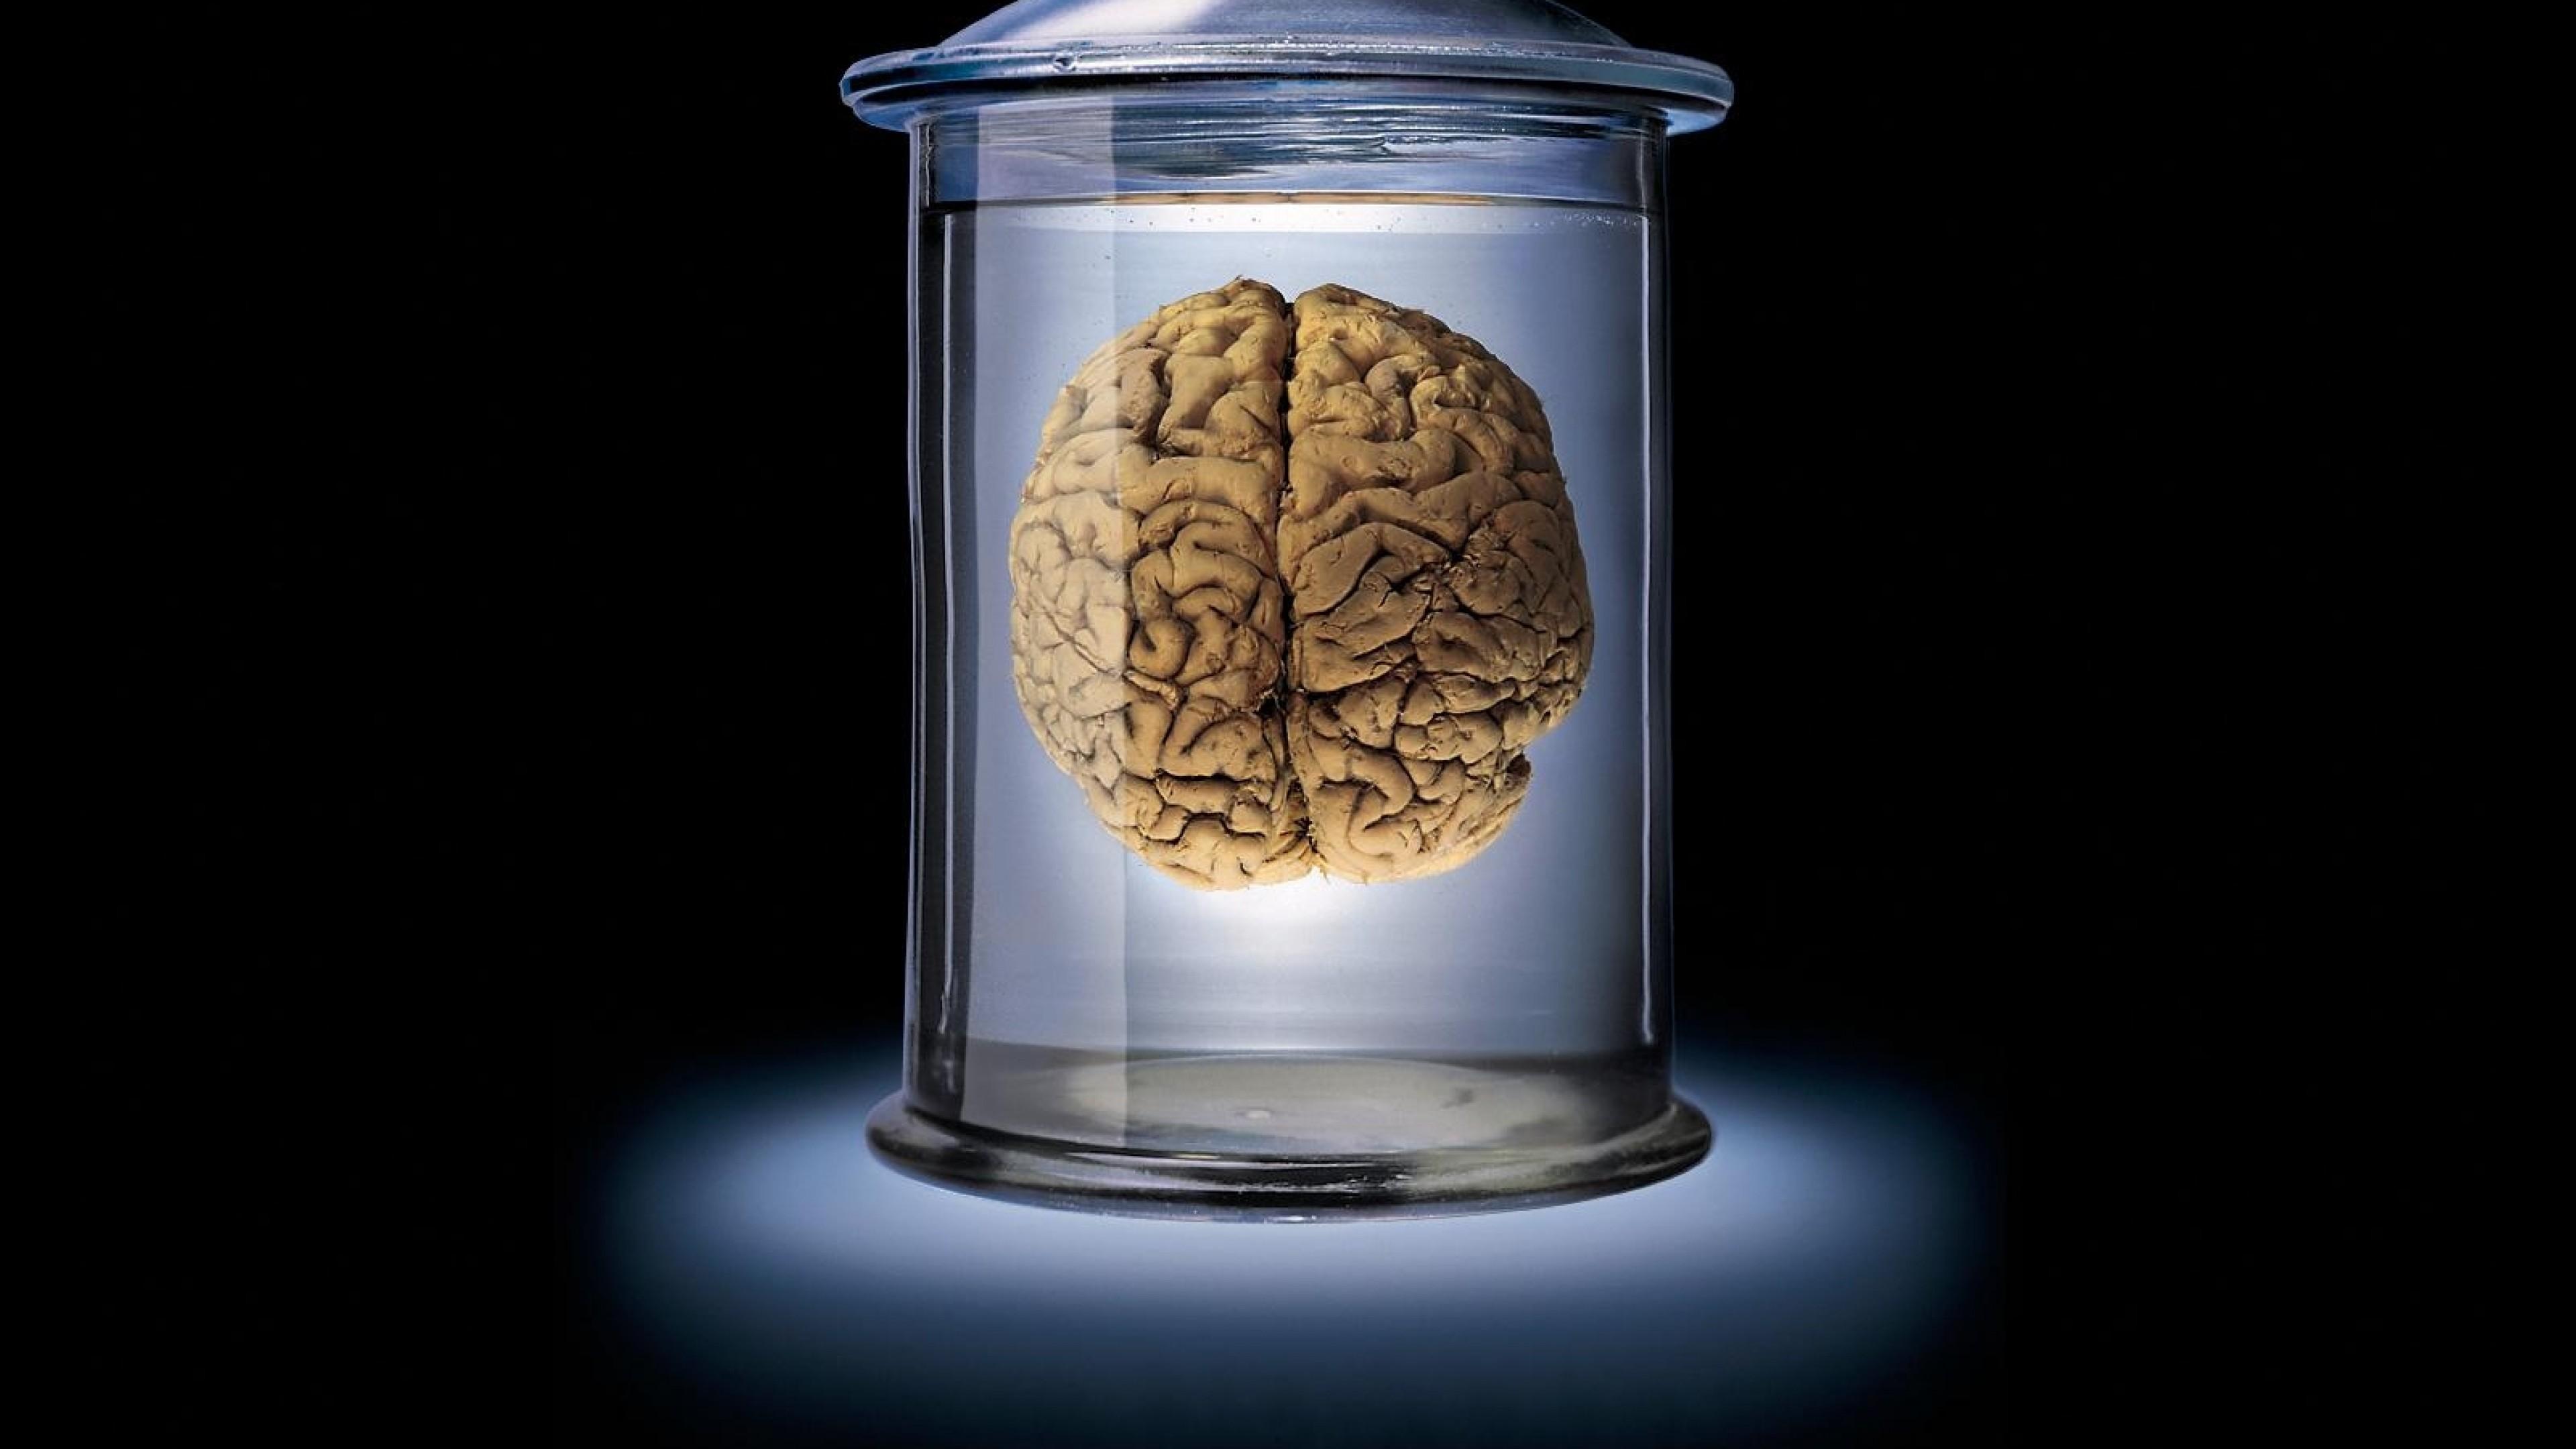 Wallpaper brain, glass, brown, blue, black, bank